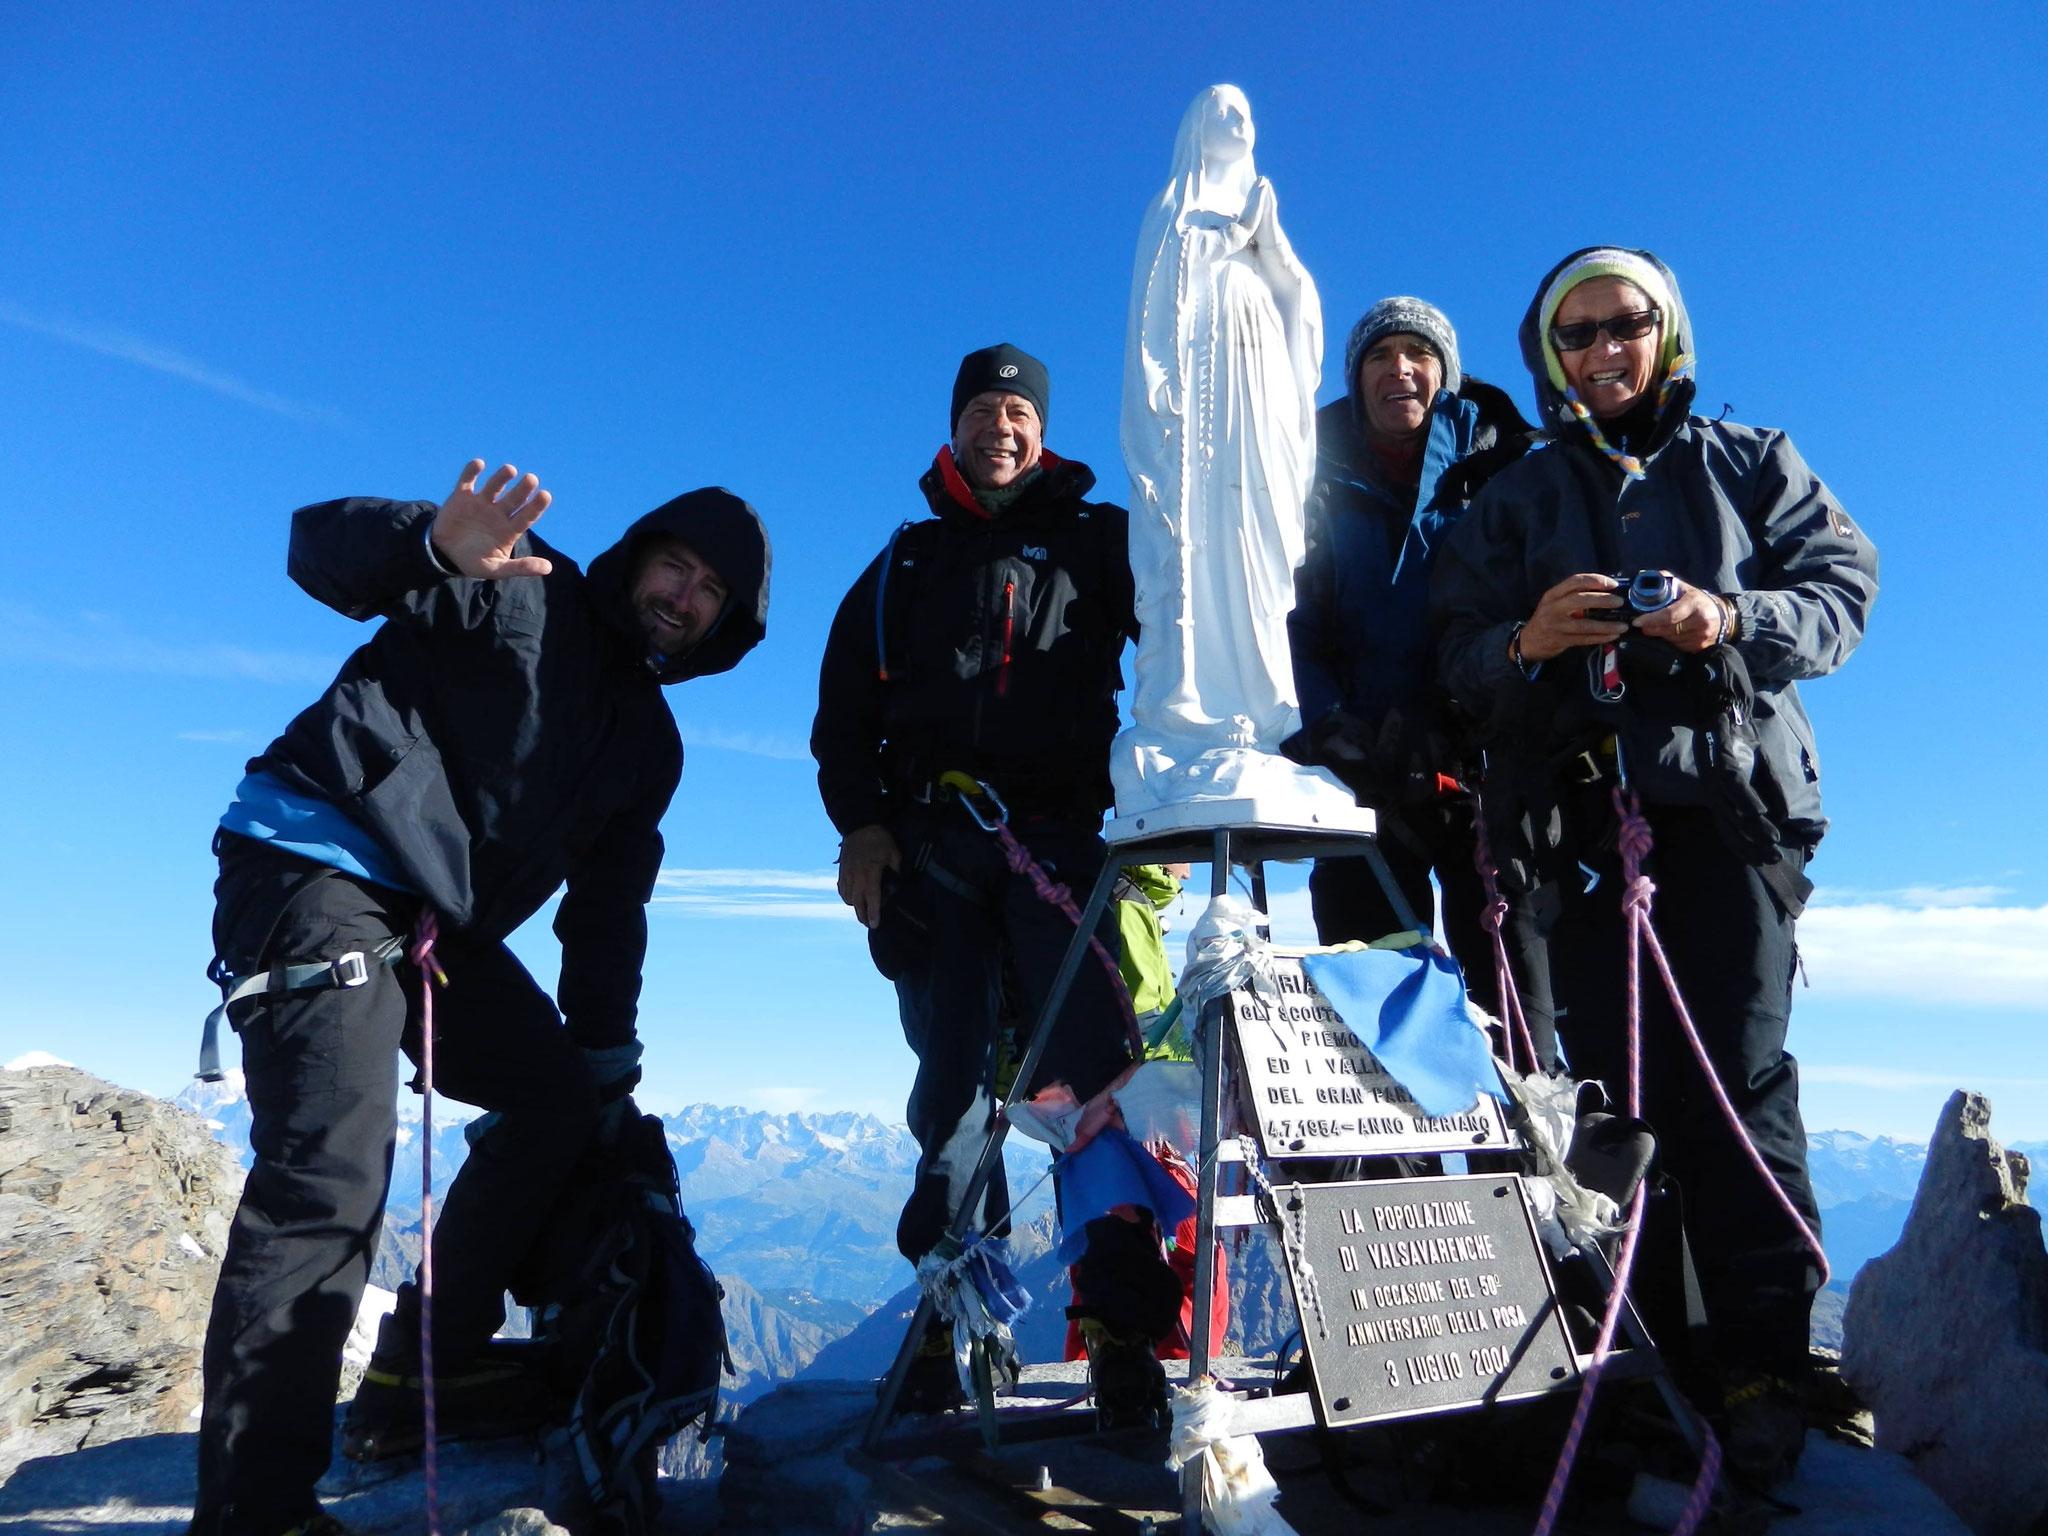 Tour du Grand Paradis, Val d'Aoste